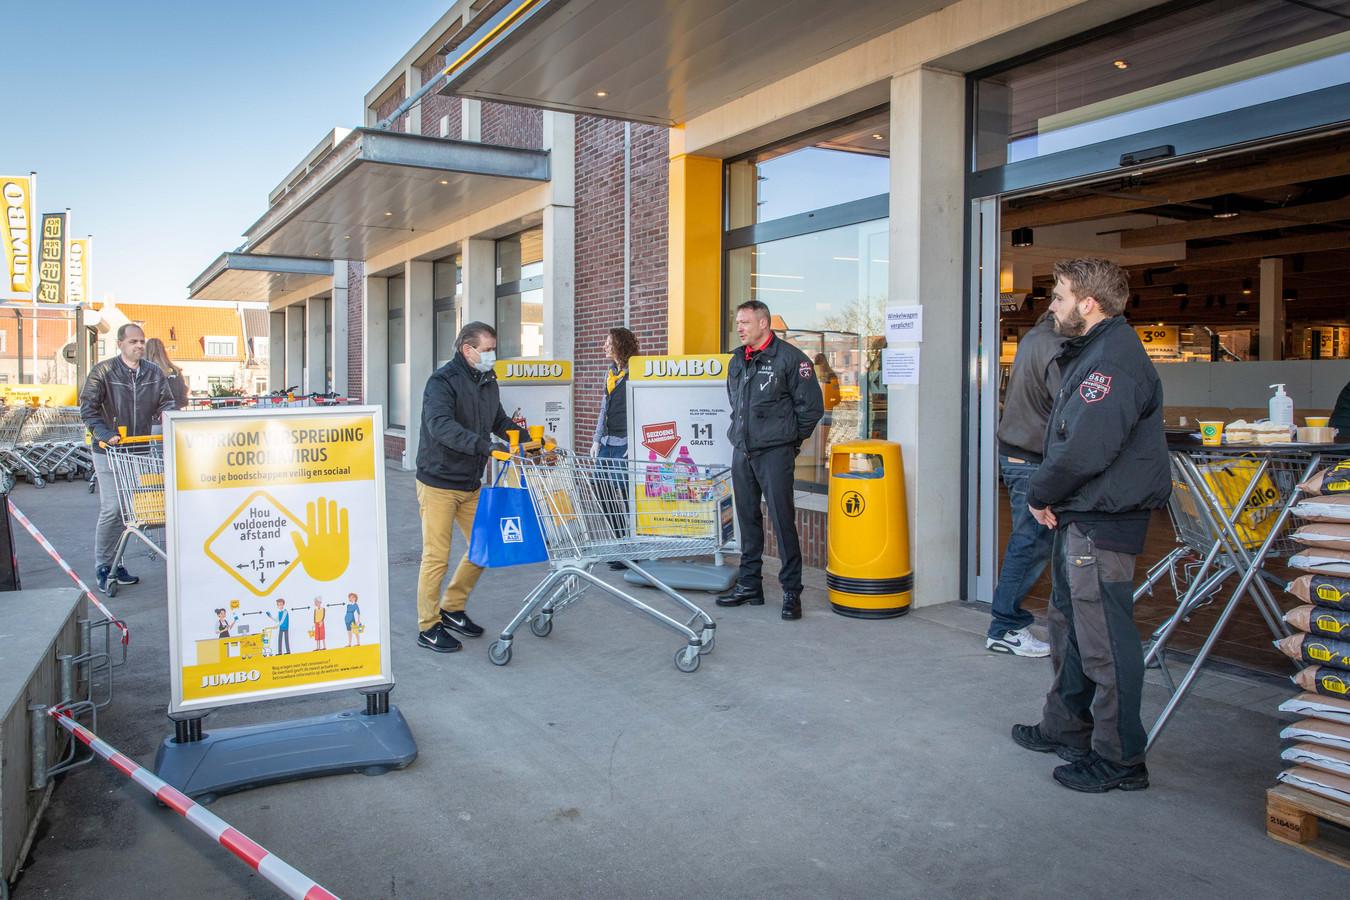 Toezicht bij de ingang van een supermarkt in Sint-Annaland: mondkapjes, gedesinfecteerde karretjes en vooral voldoende afstand.